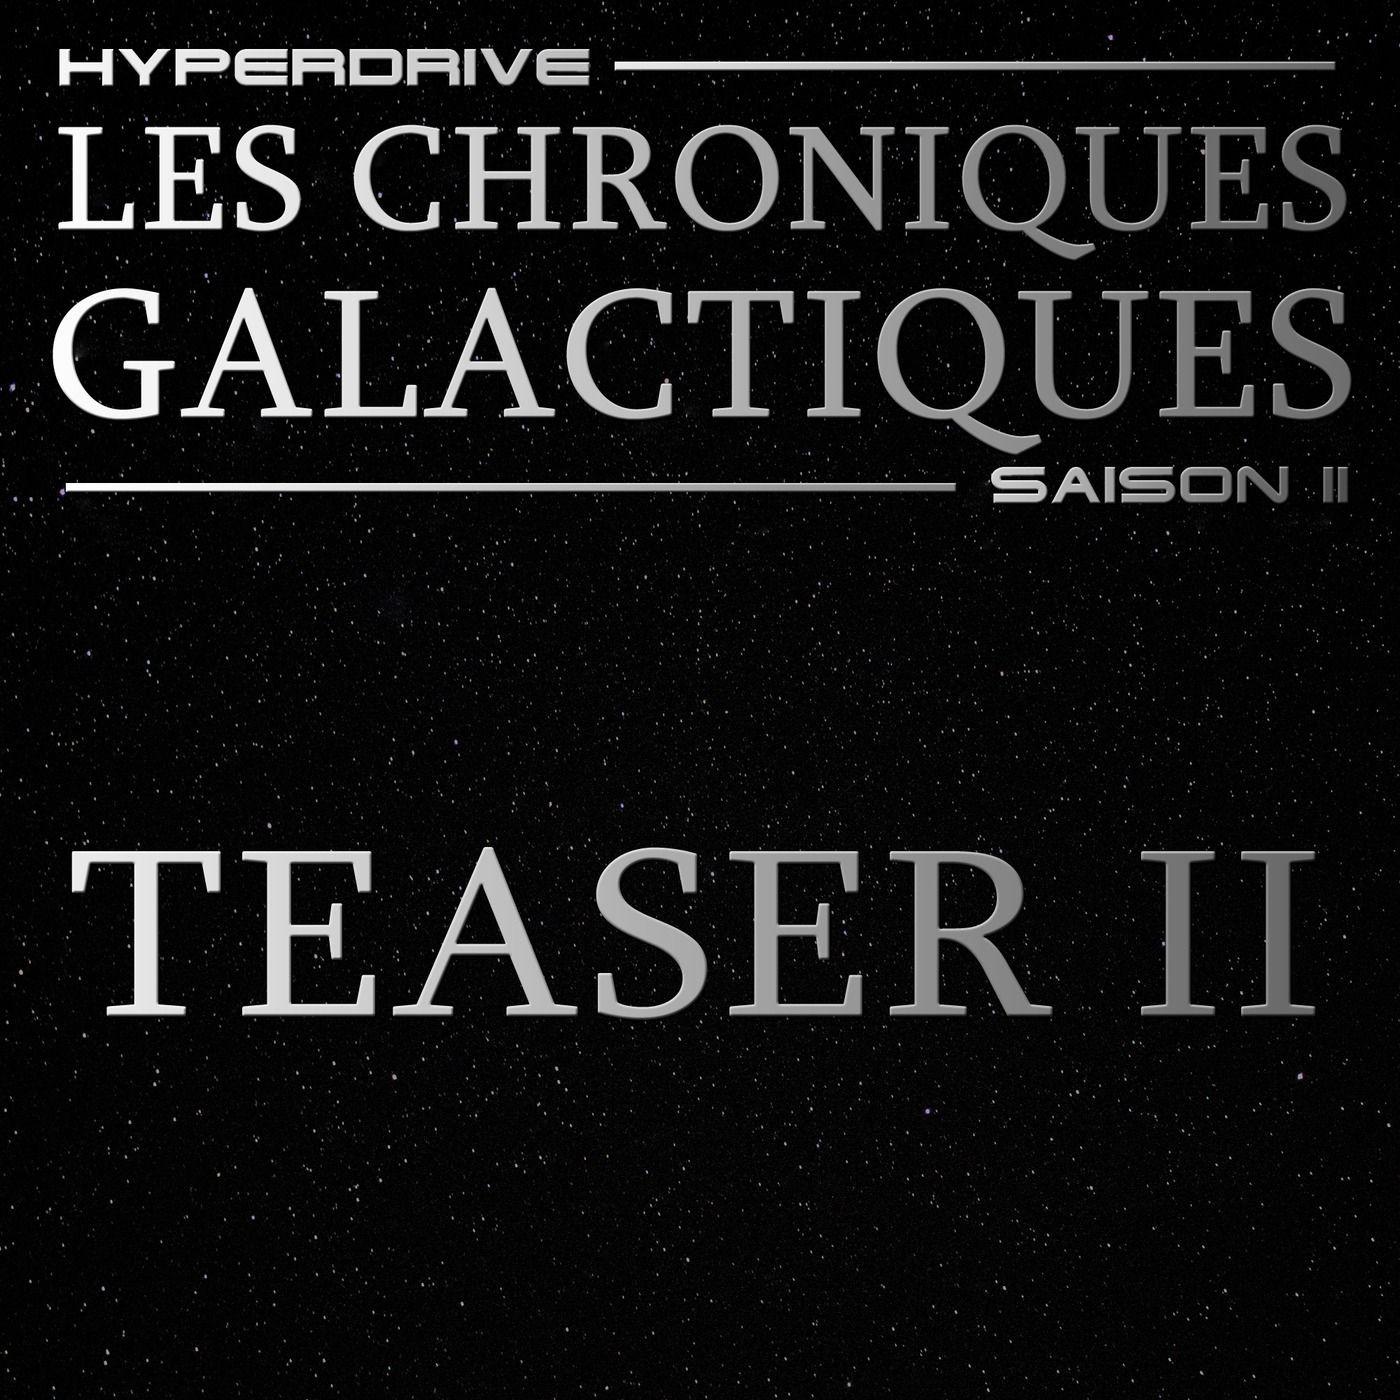 Les Chroniques Galactiques saison 2 - Teaser 2